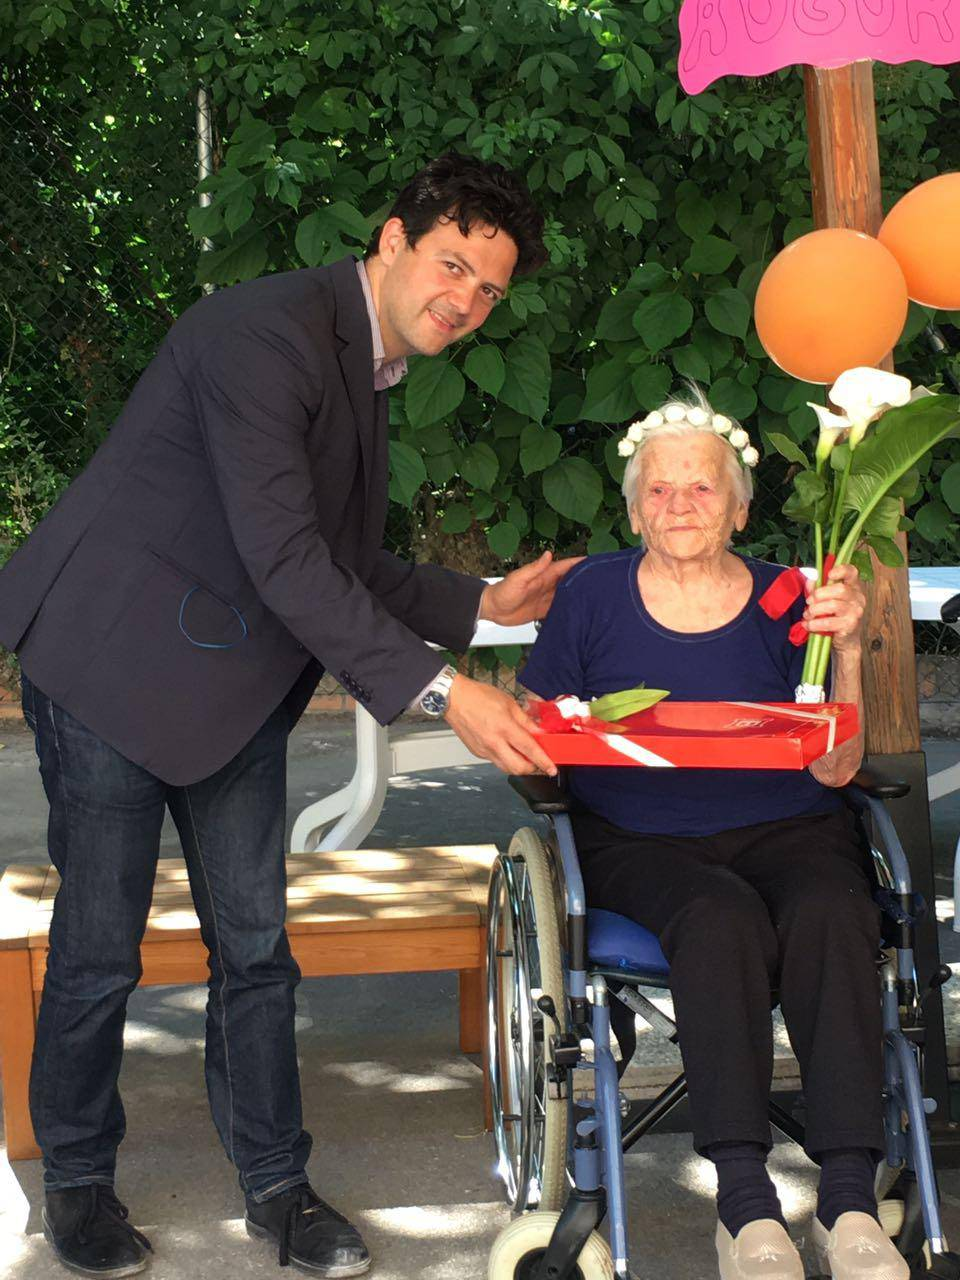 Alle Grazie la festa per i 101 anni di nonna Giovanna